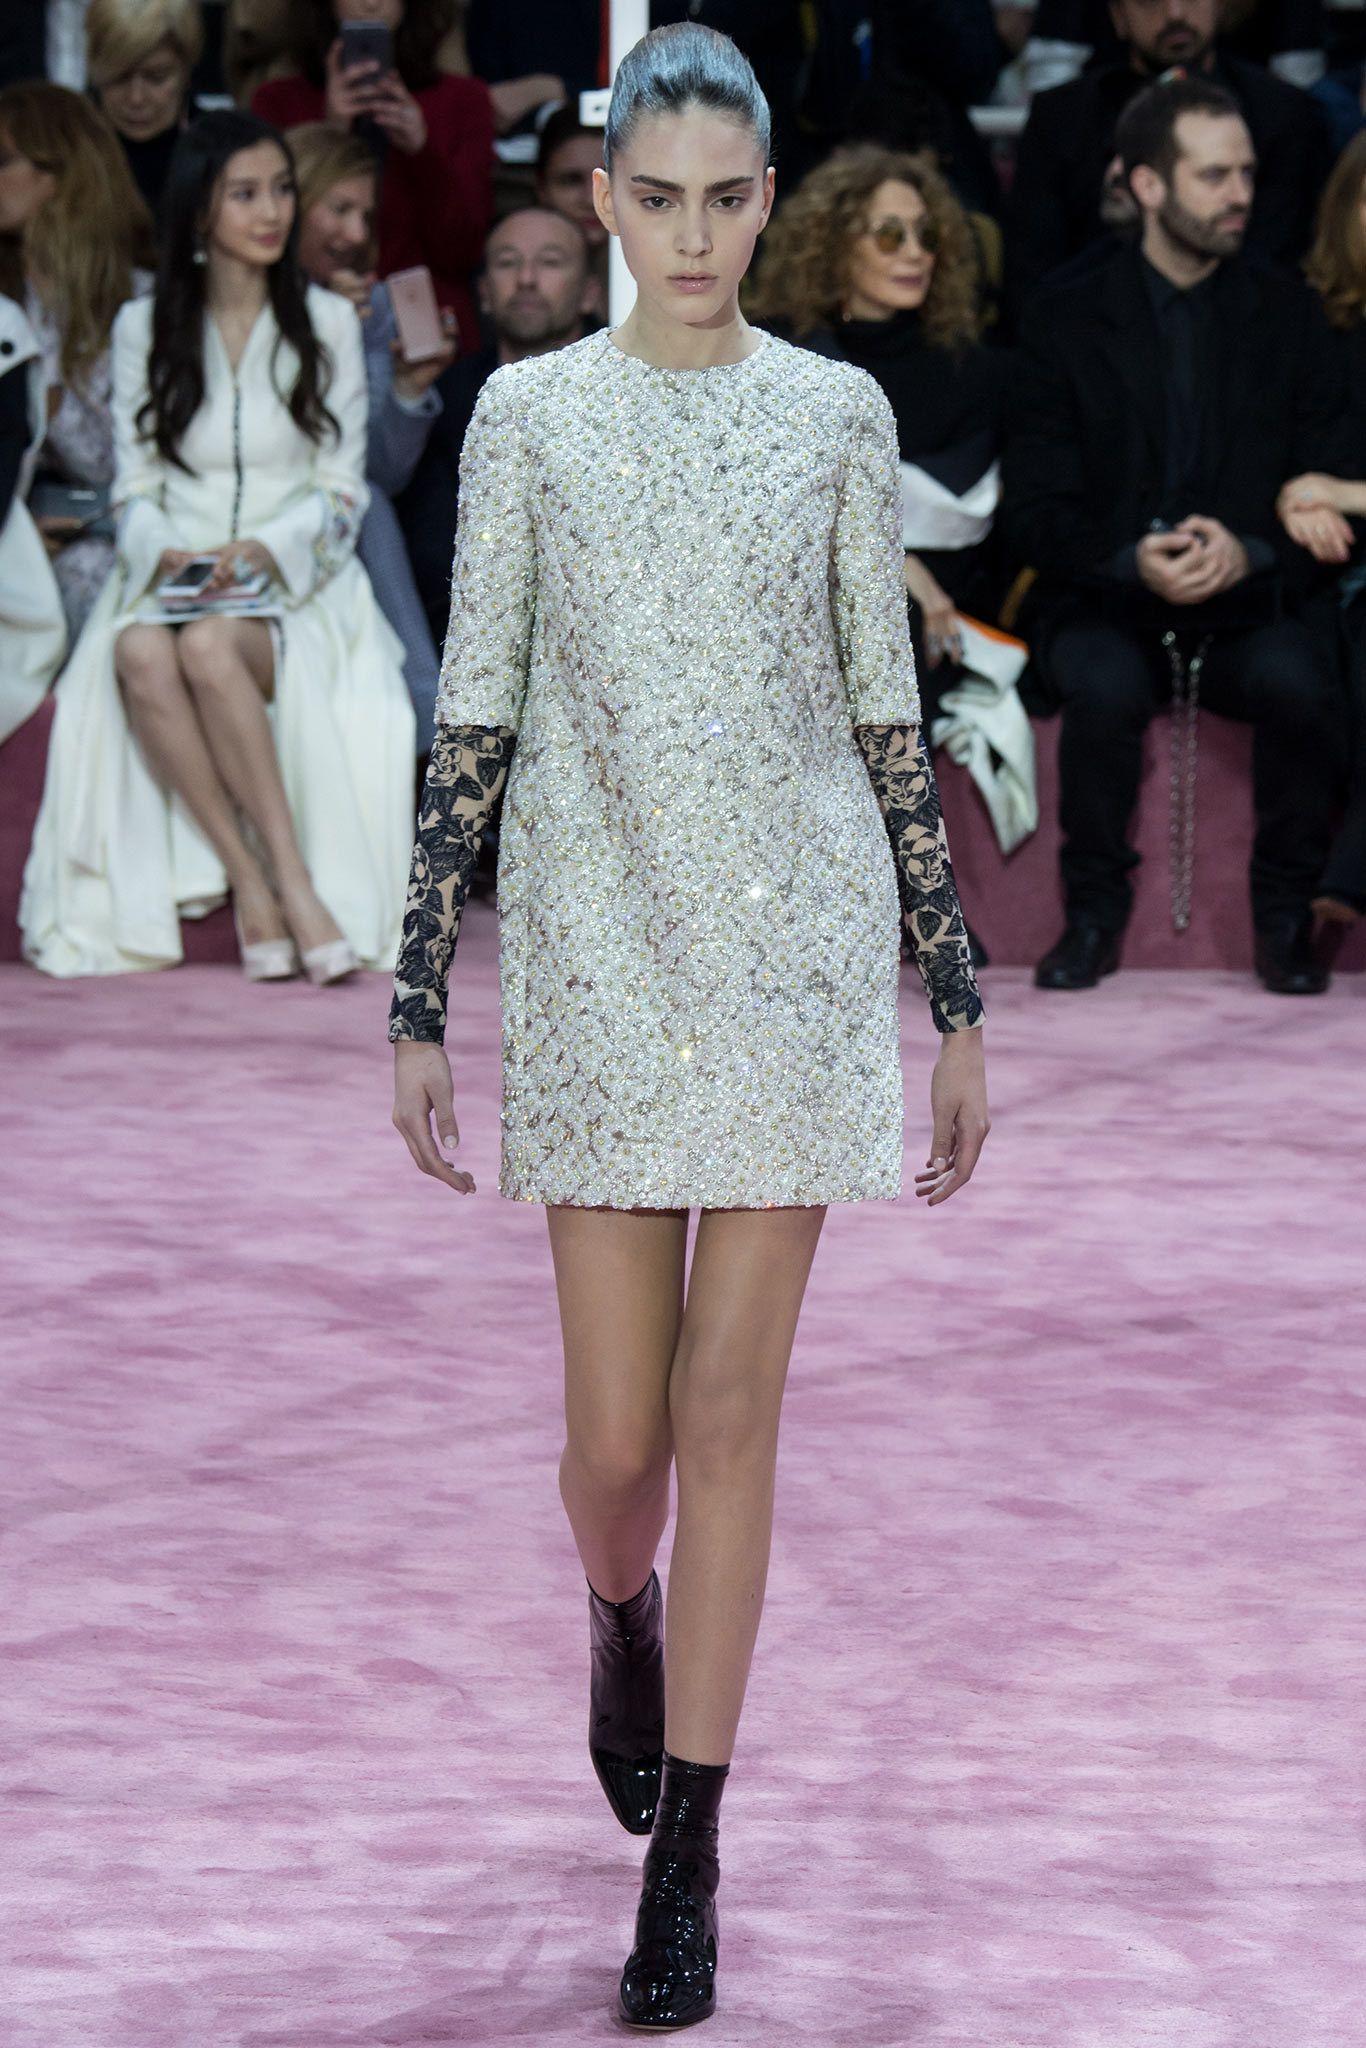 Christian Dior Spring 2015 Couture Collection Photos - Vogue